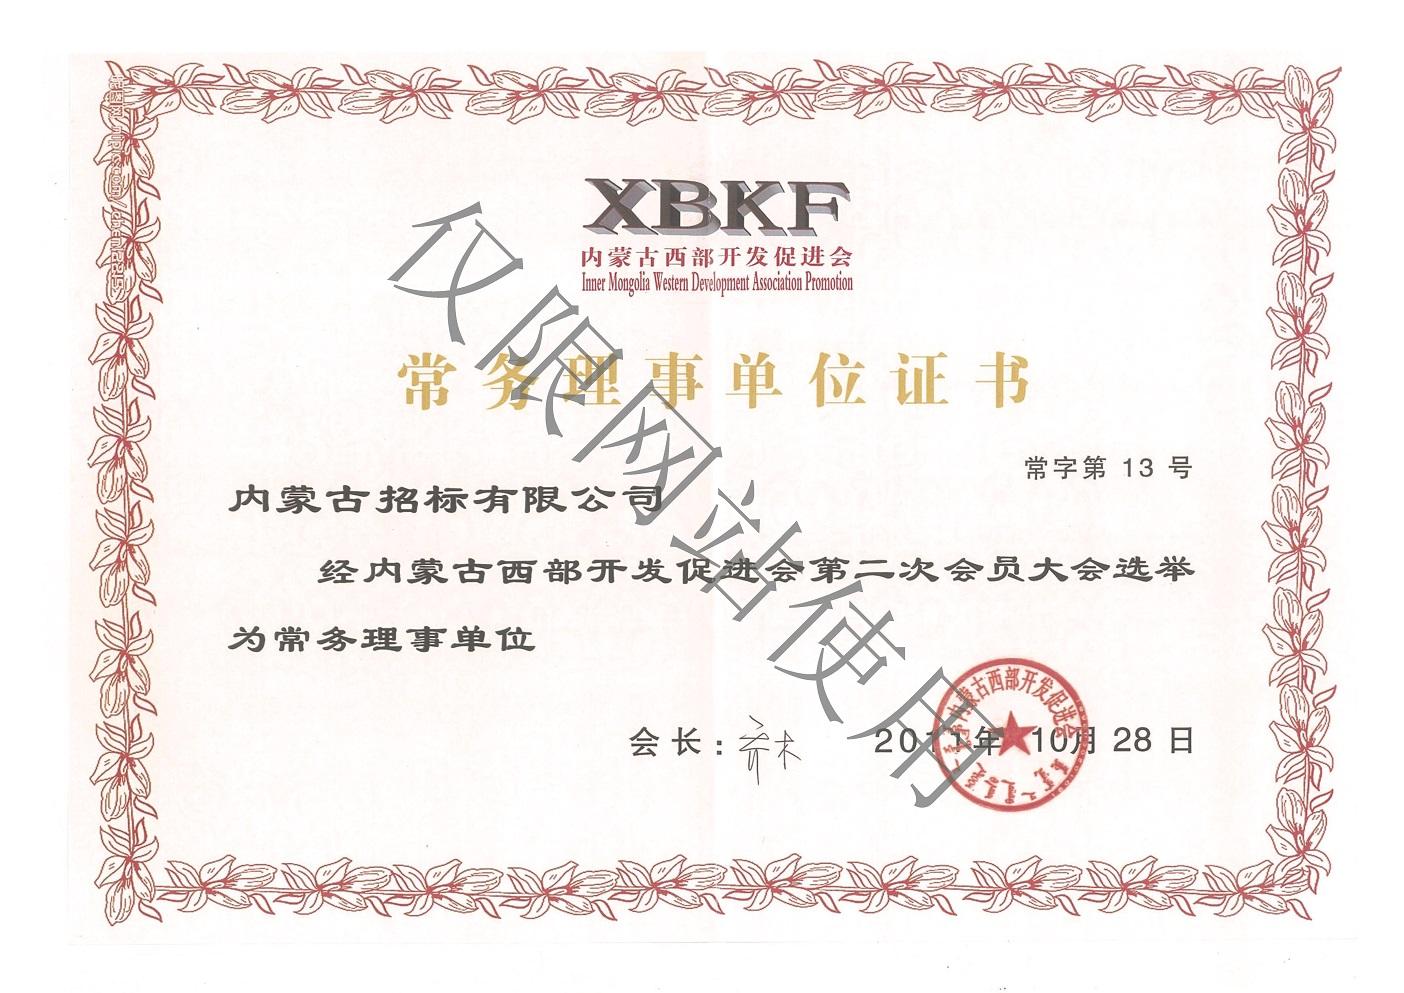 西bu开发促jin会理事